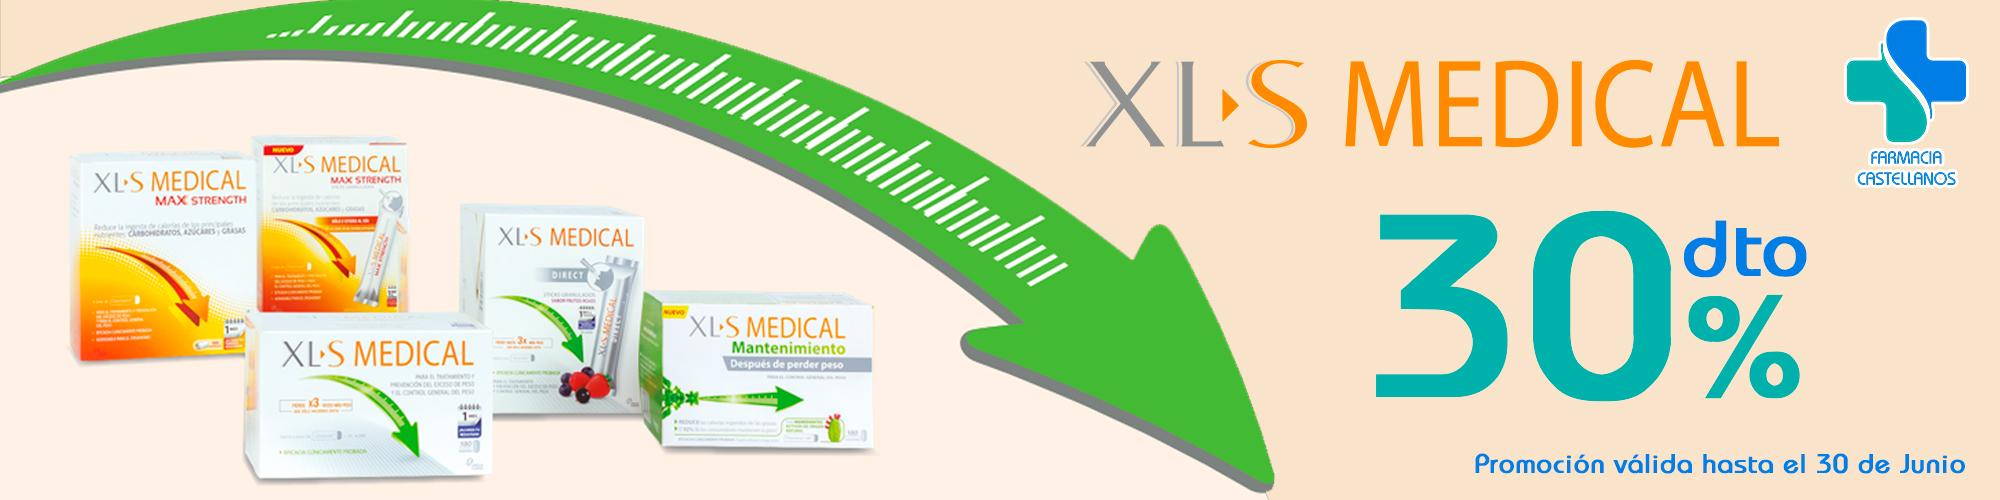 descuento-xls-medical-farmaciabeatrizcastellanos